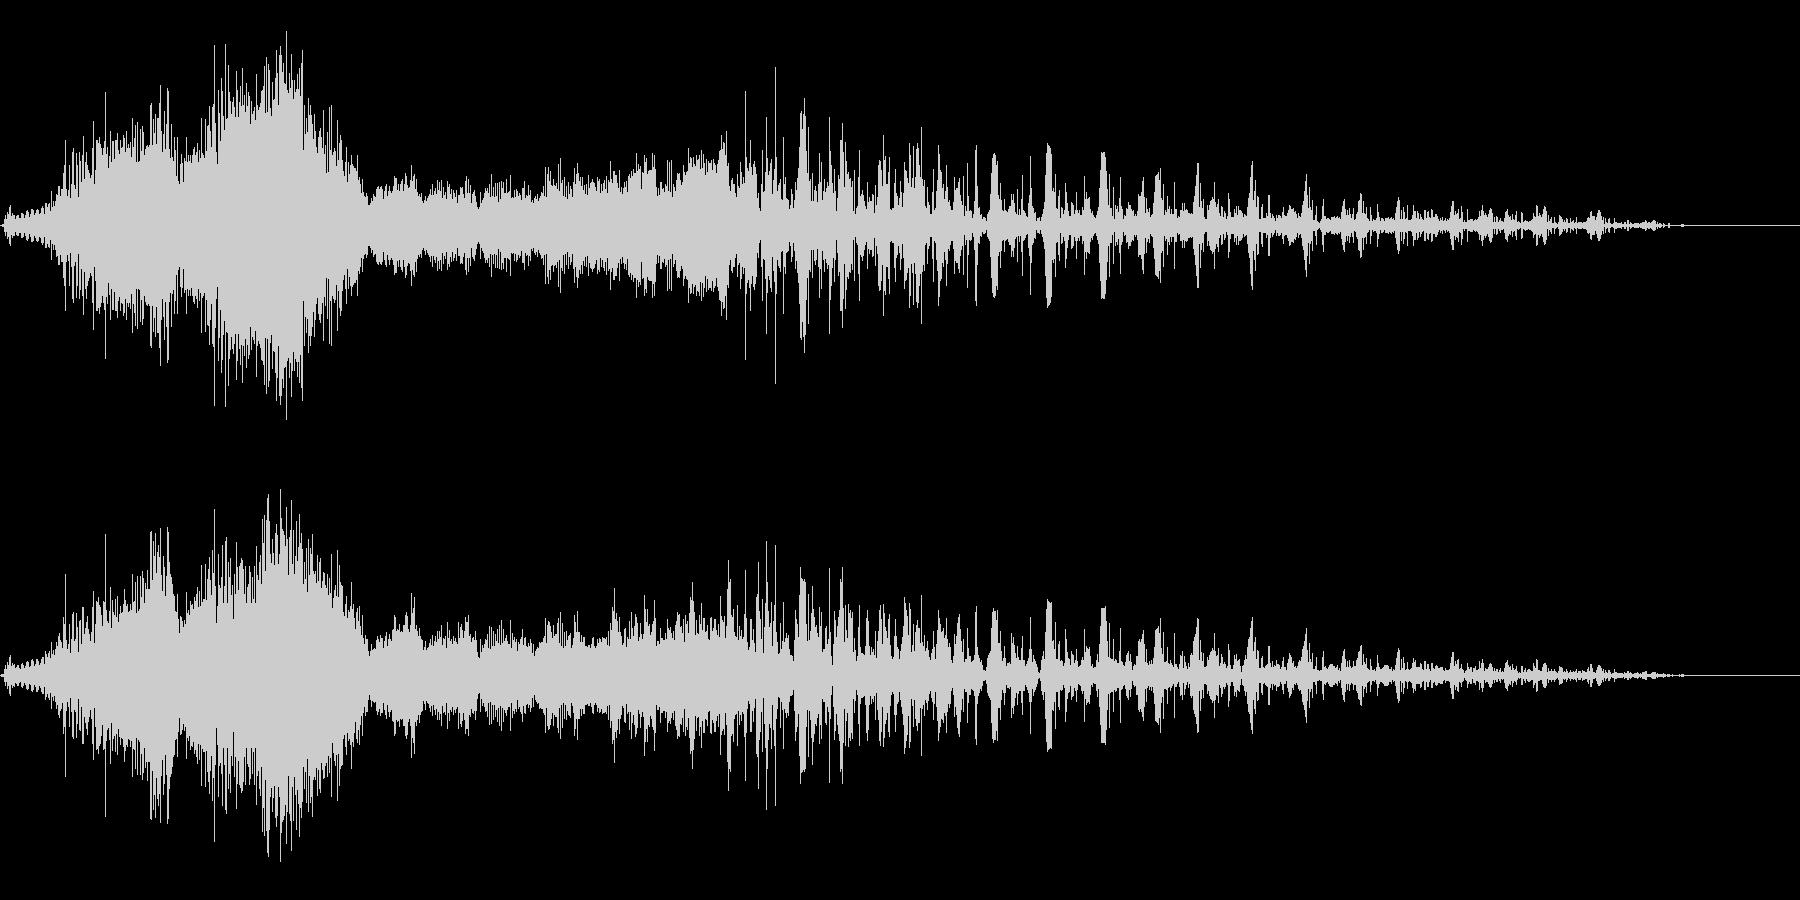 コンピュータの電子音、効果音の未再生の波形